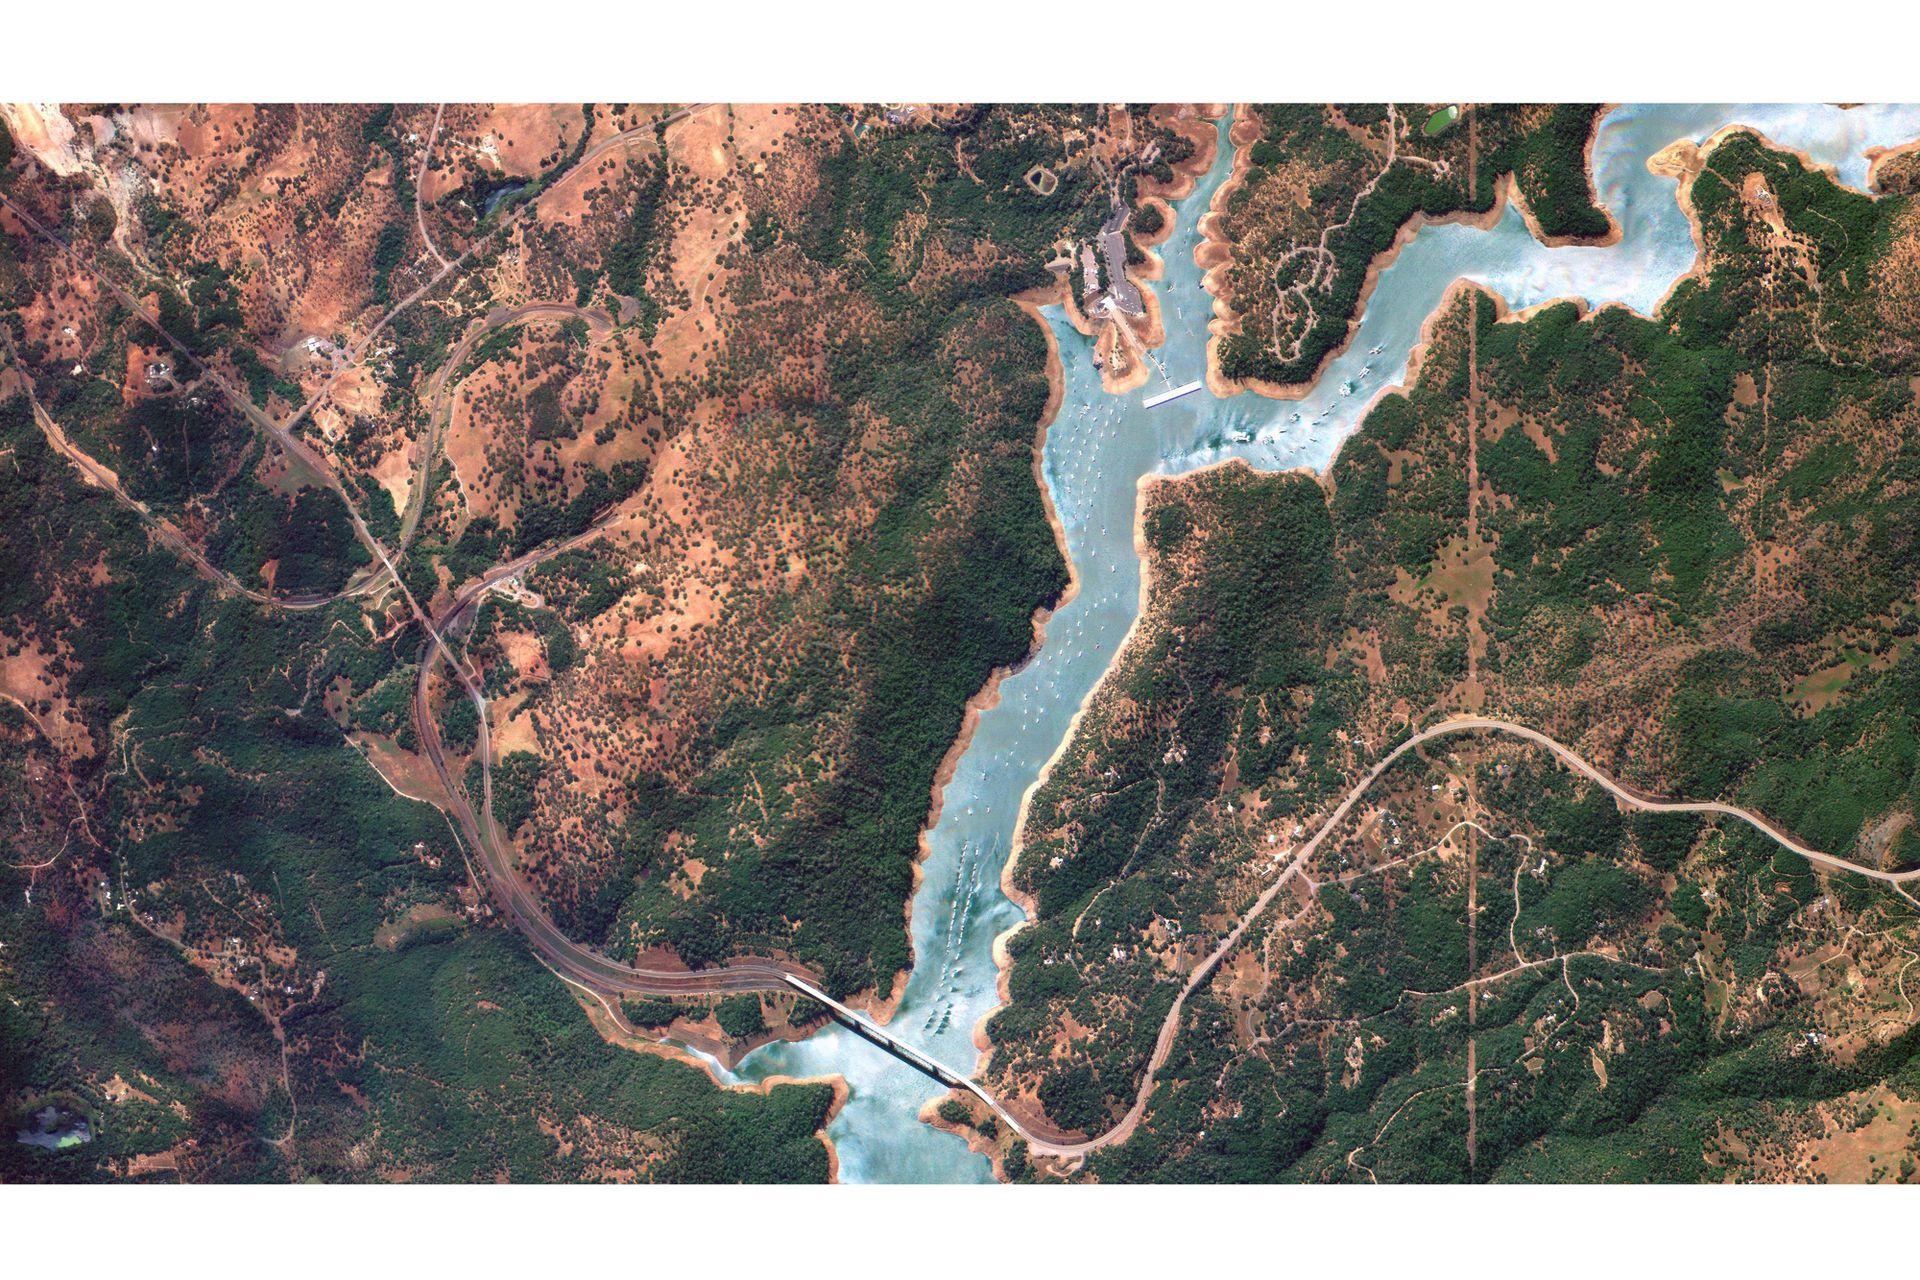 Los satélites de Satellogic sacan fotos con gran definición de la superficie de la Tierra